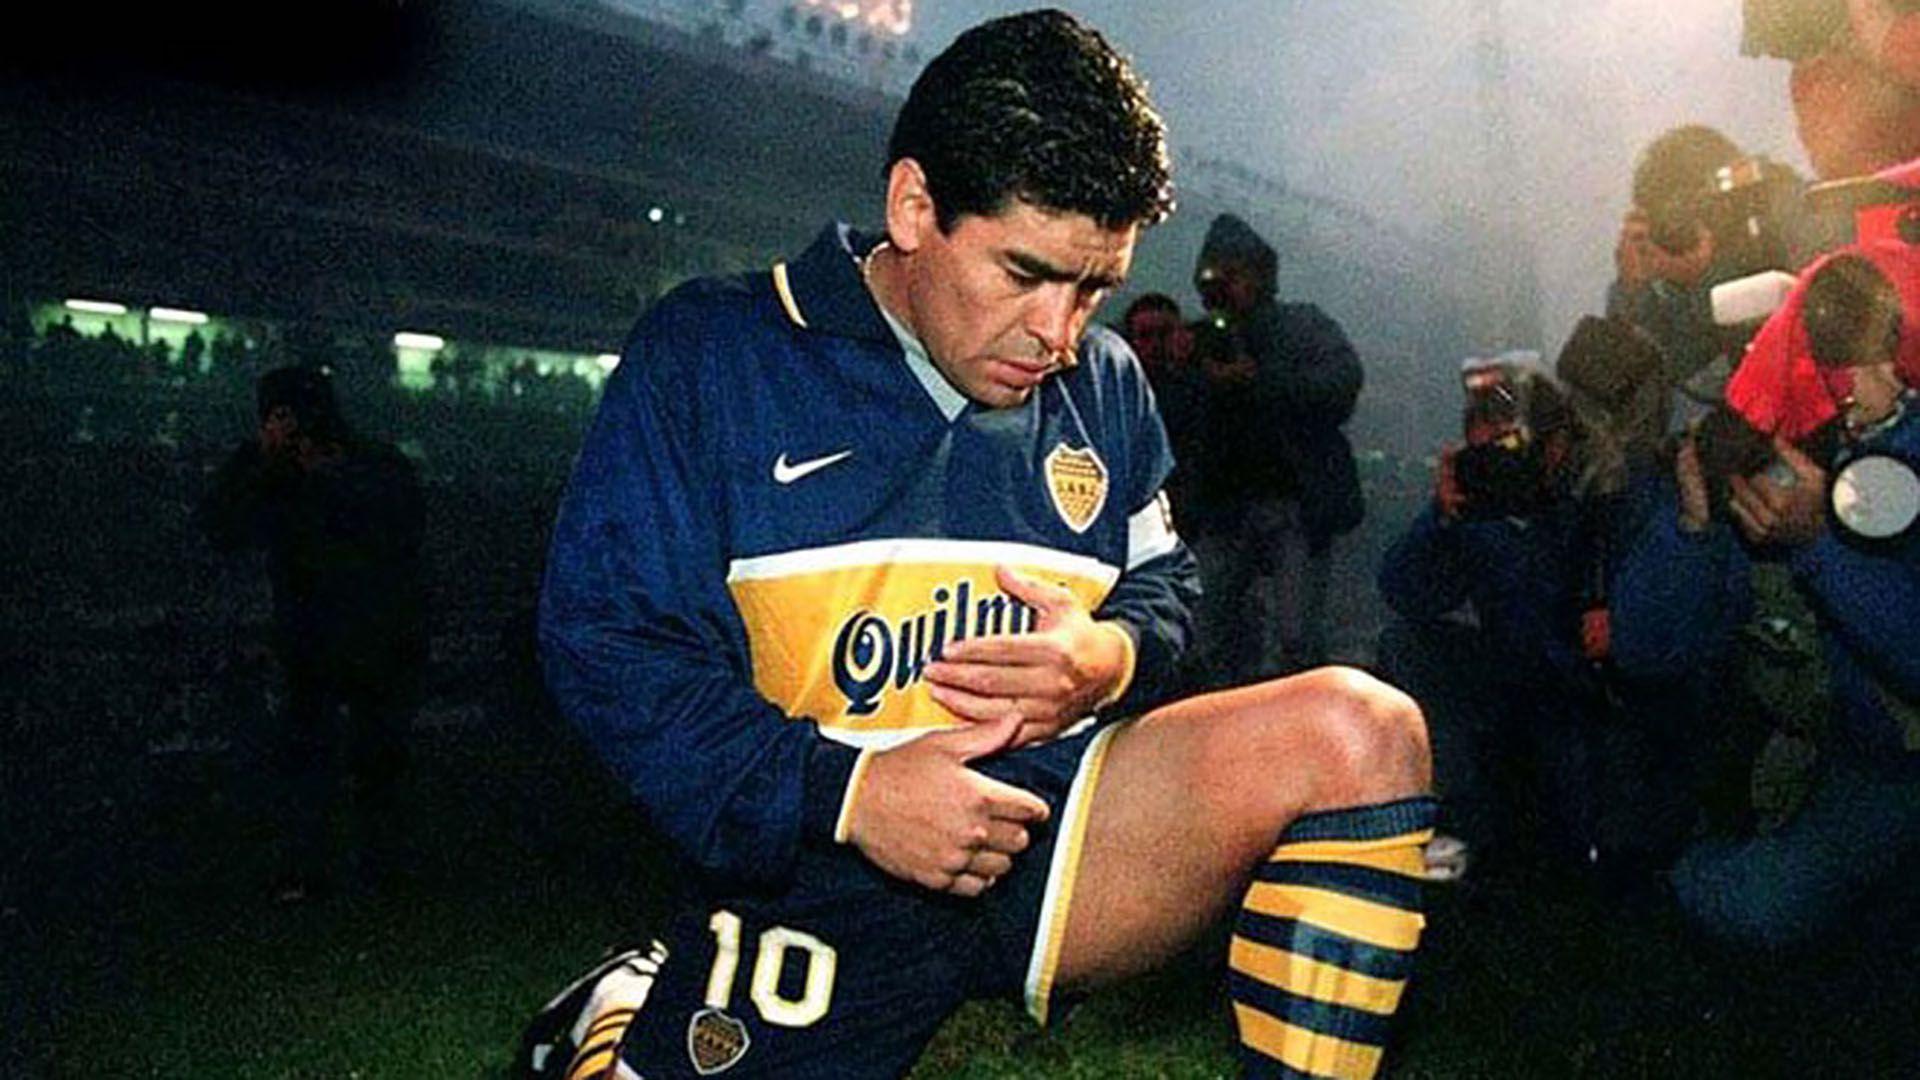 Los últimos botines que usó en Boca se los regaló al cantante Andrés Ciro Martínez